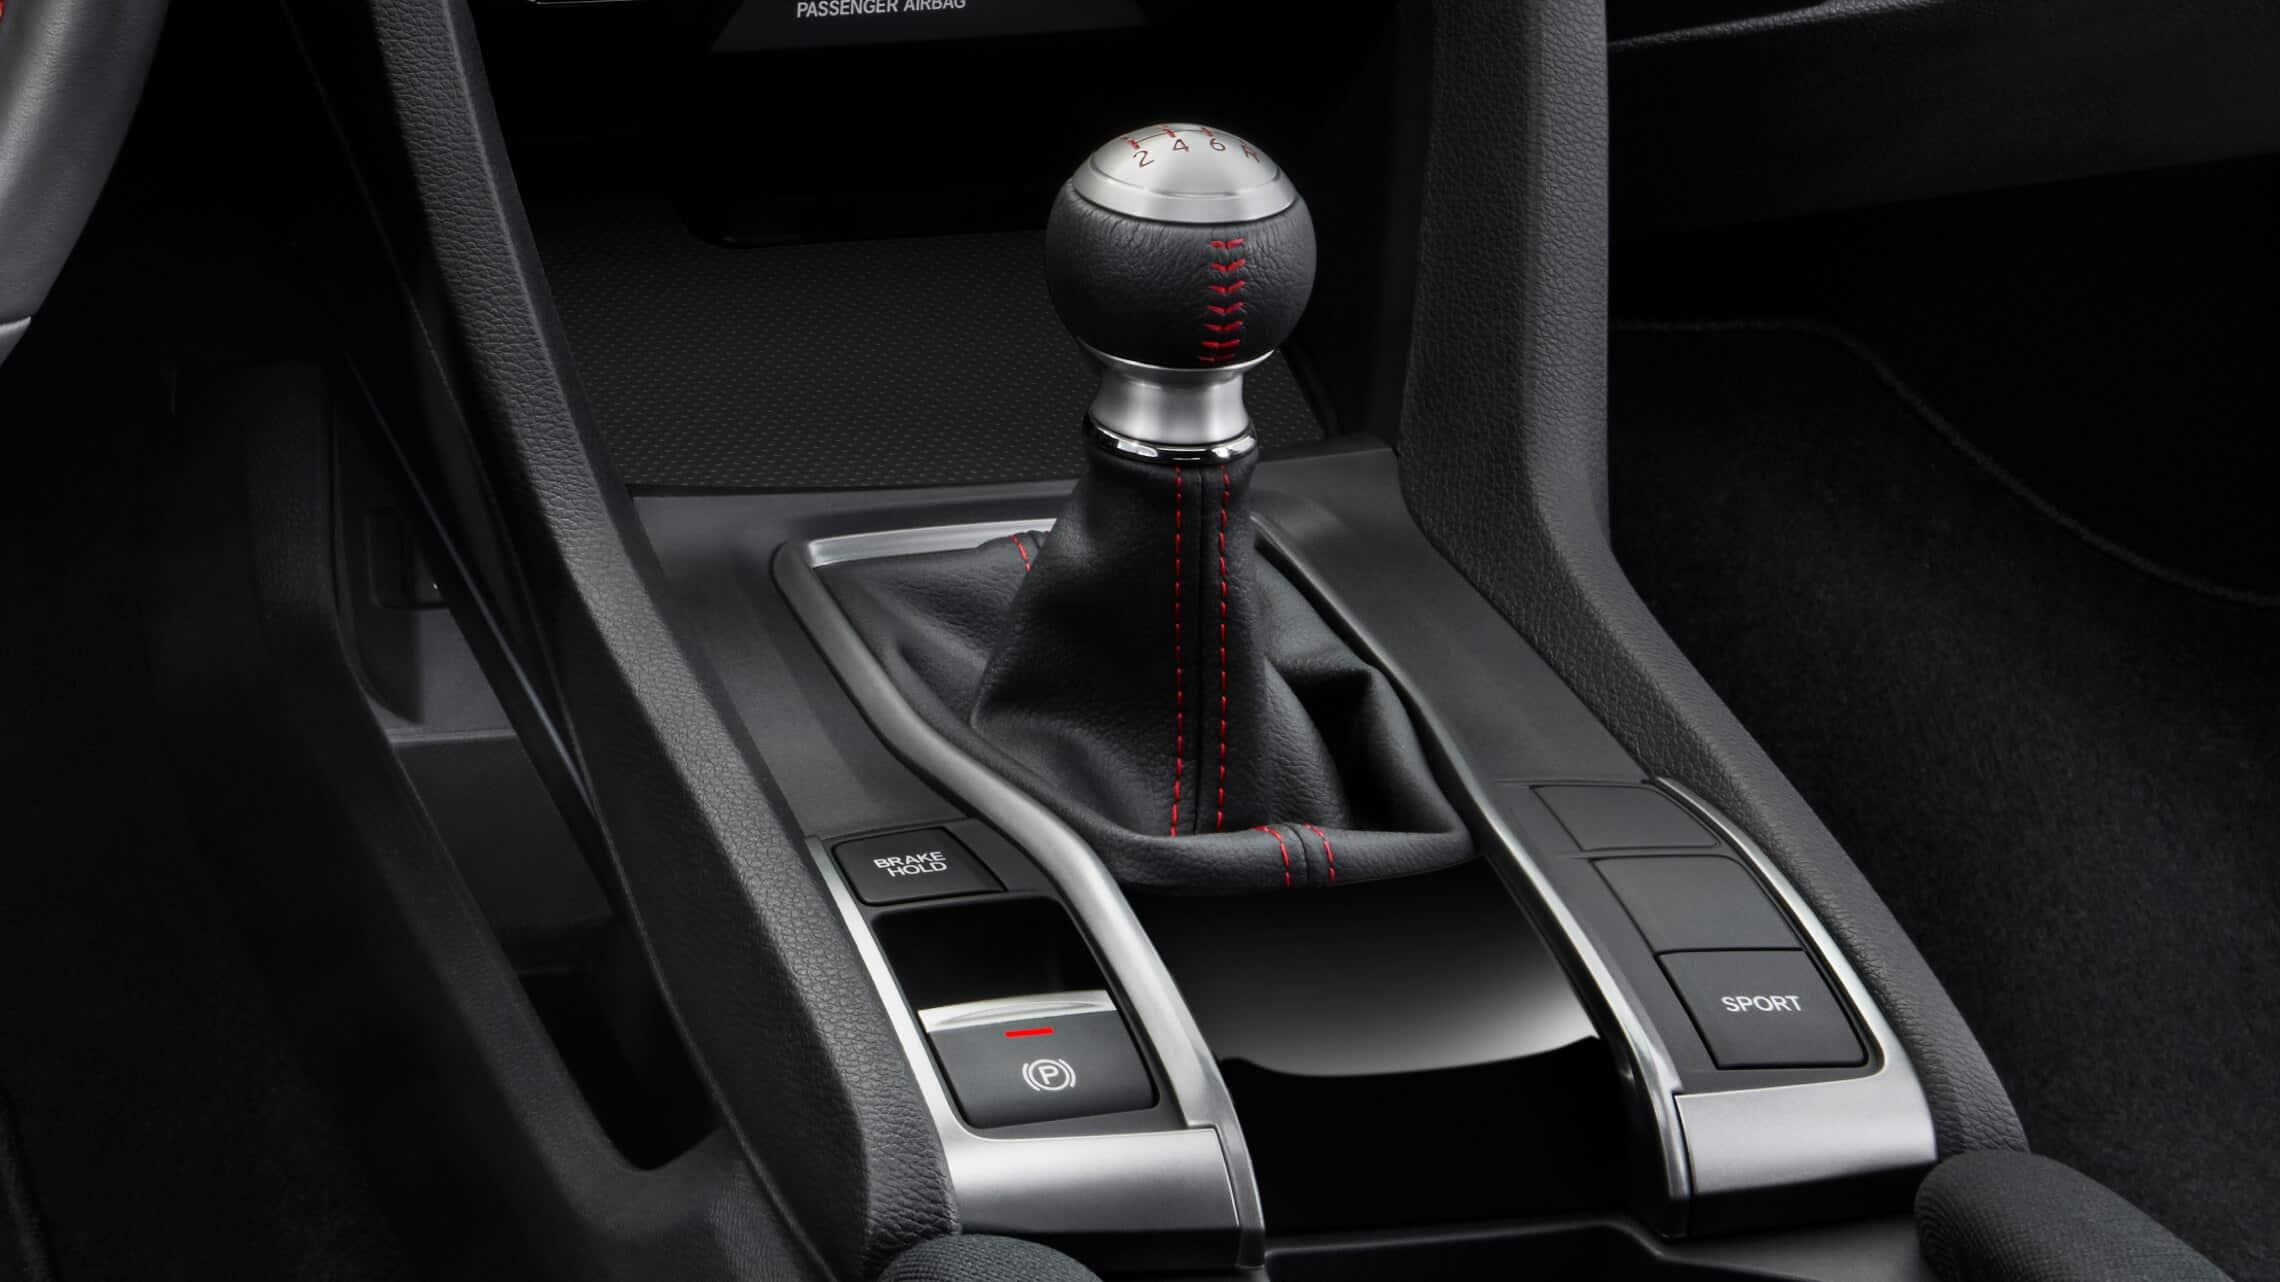 Detalle del mando de transmisión manual de 6velocidades con controles de modo de conducción en el Honda Civic Si Sedán2020.